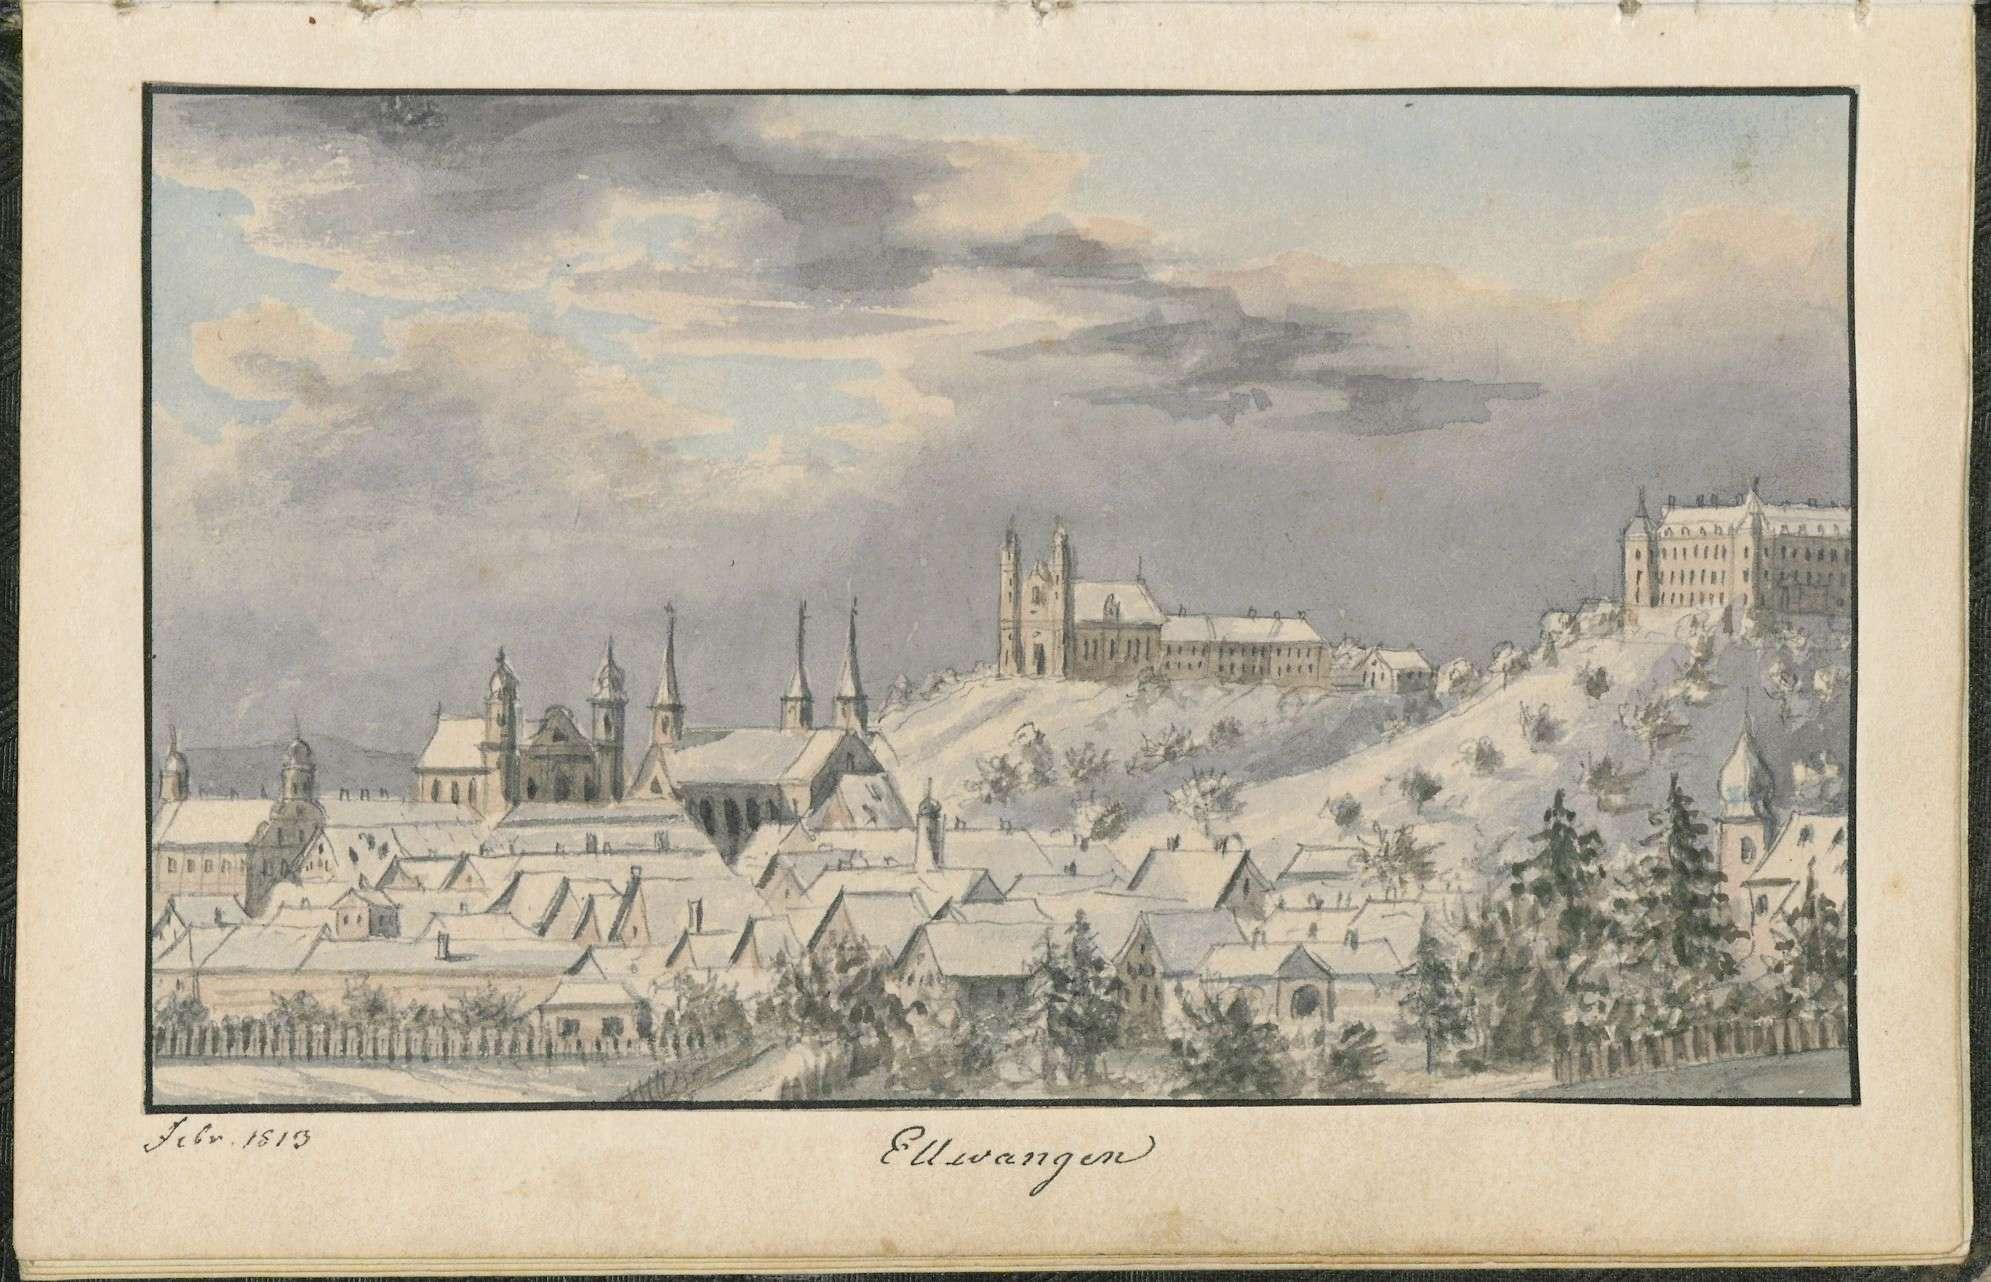 """Band 3: """"Tagebuch meines Feldzuges in Sachsen 1813, Christian v(on) Martens. Lieutenant in K(öniglich) Würtembergischen Diensten"""", Bild 2"""